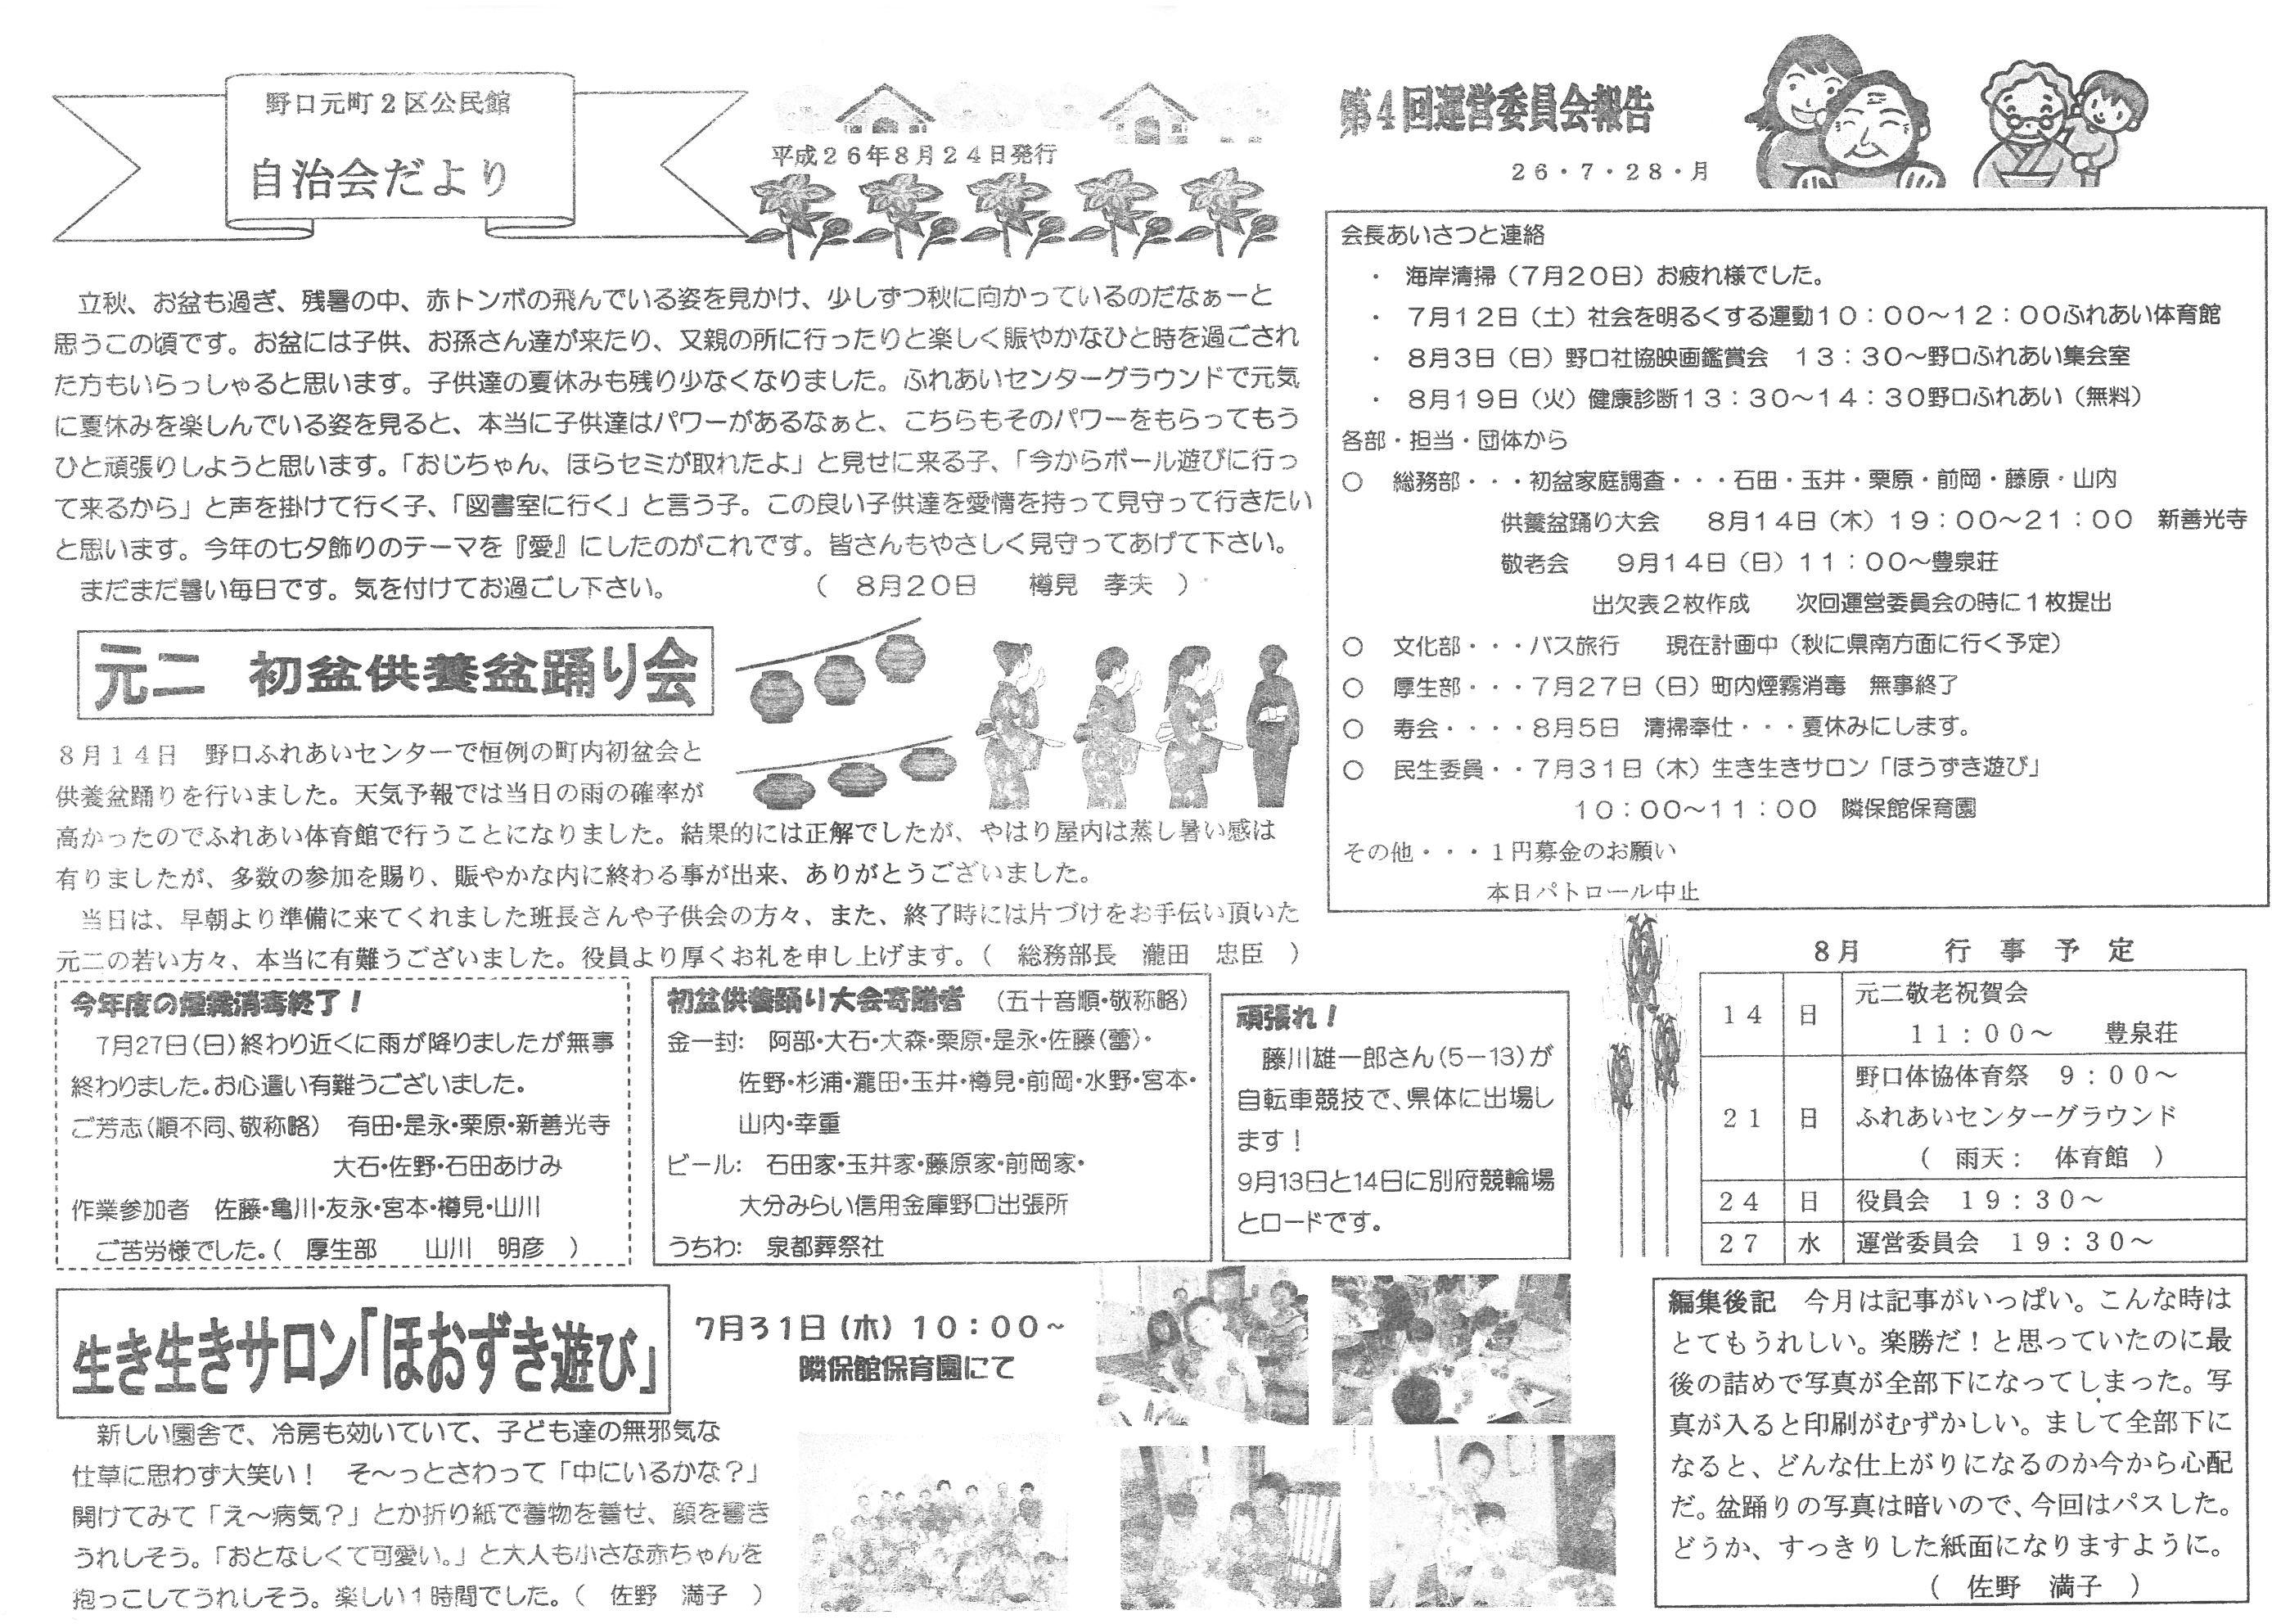 noguchimotomachi2_2014_09